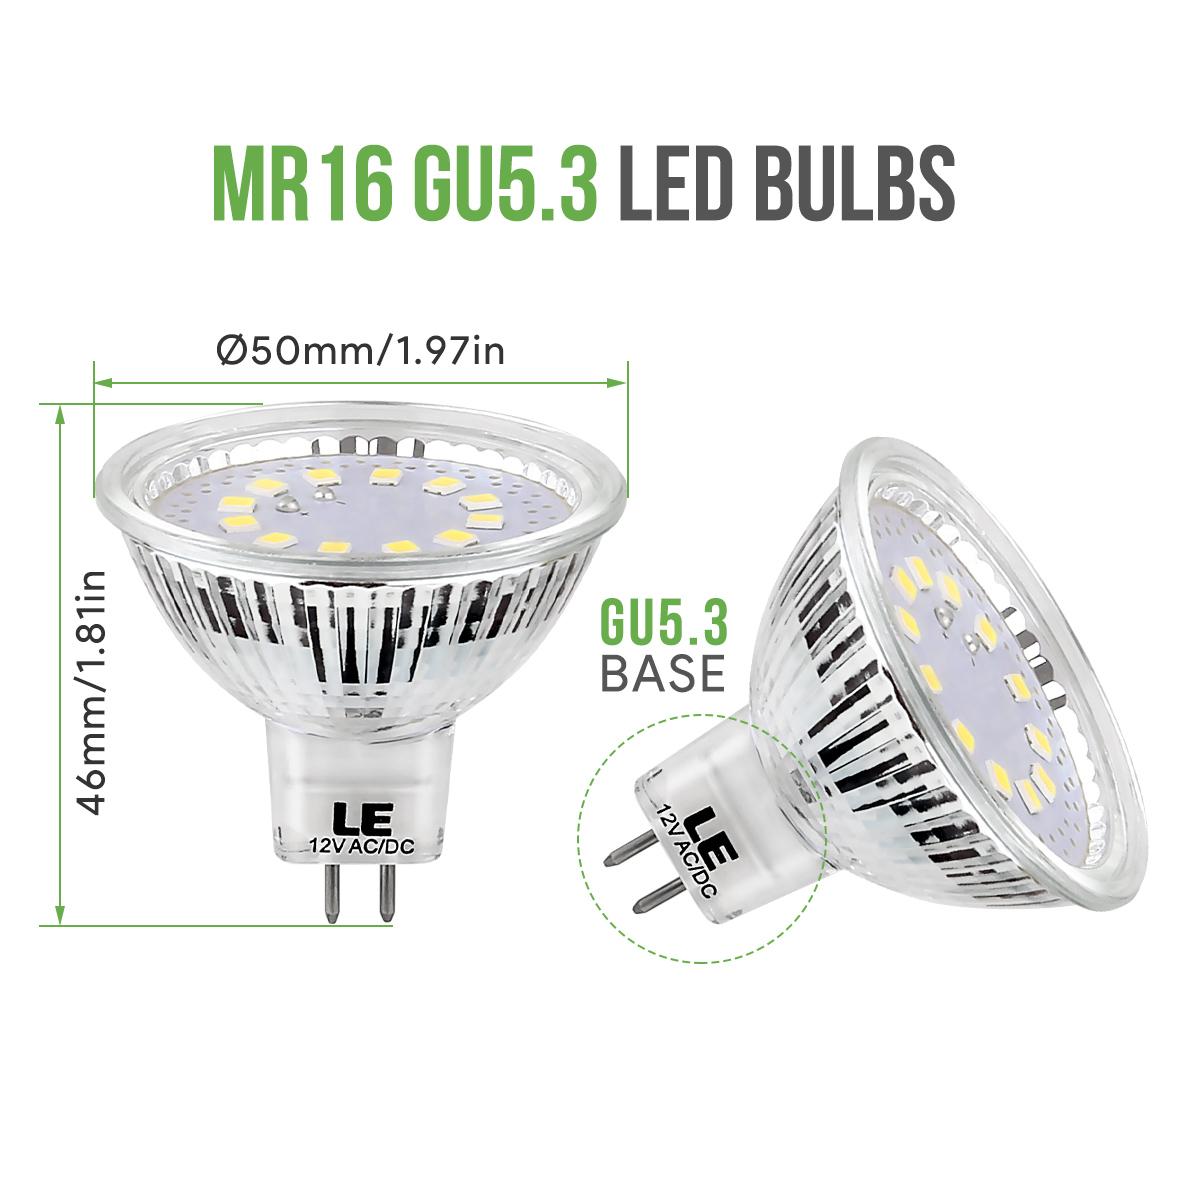 le 5er 12v 280lm led birnen 3 5w mr16 gu5 3 led lampe leuchte kaltwei ebay. Black Bedroom Furniture Sets. Home Design Ideas